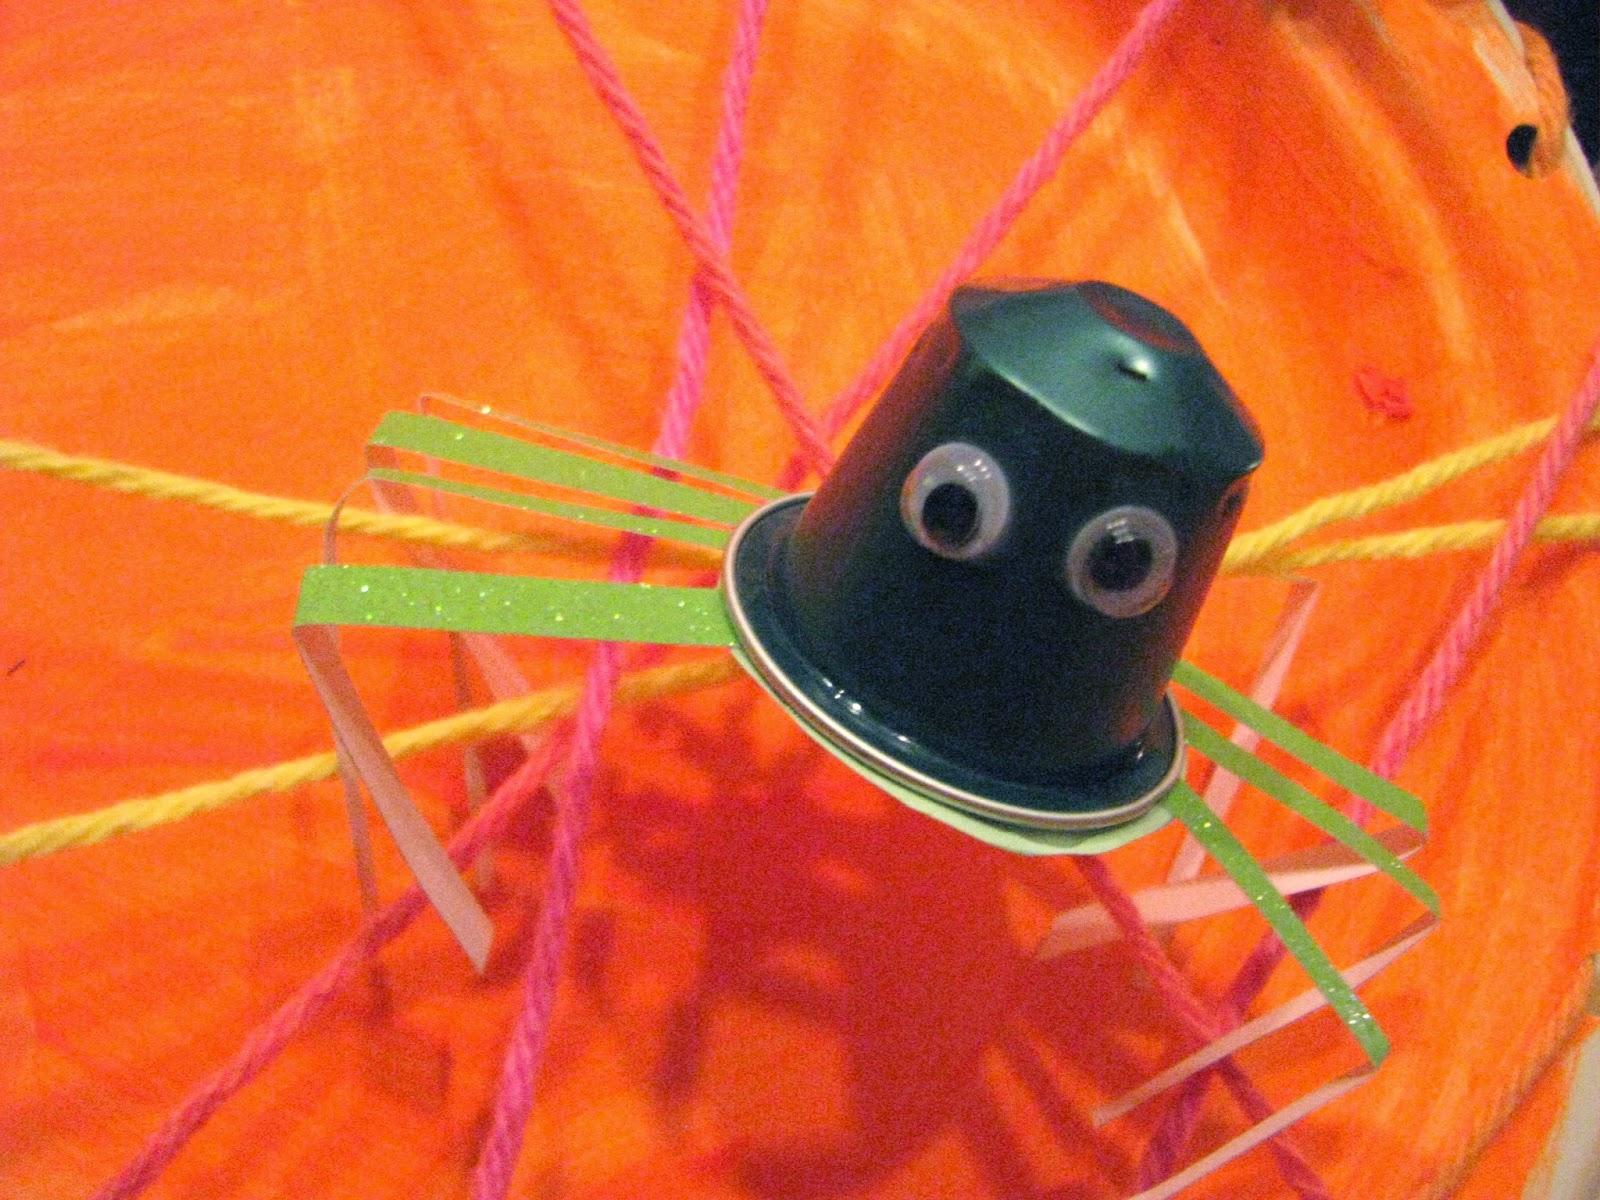 Info garderie araign e dans sa toile un bricolage d 39 halloween pour les enfants - Bricolage d halloween ...